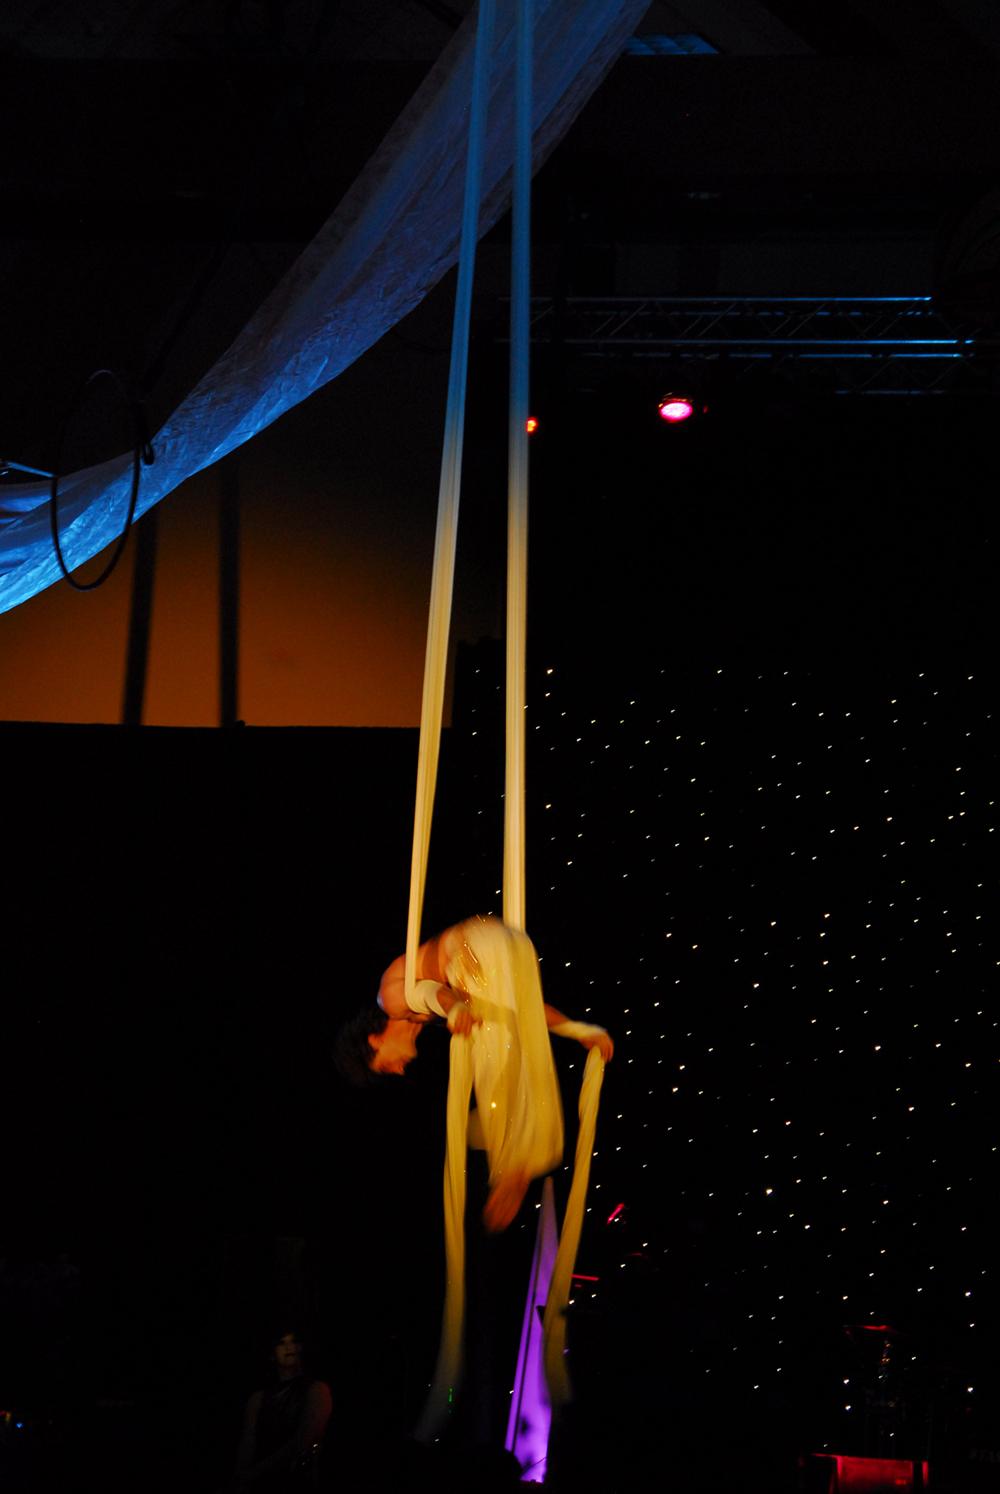 la-grande-cirque-8.jpg